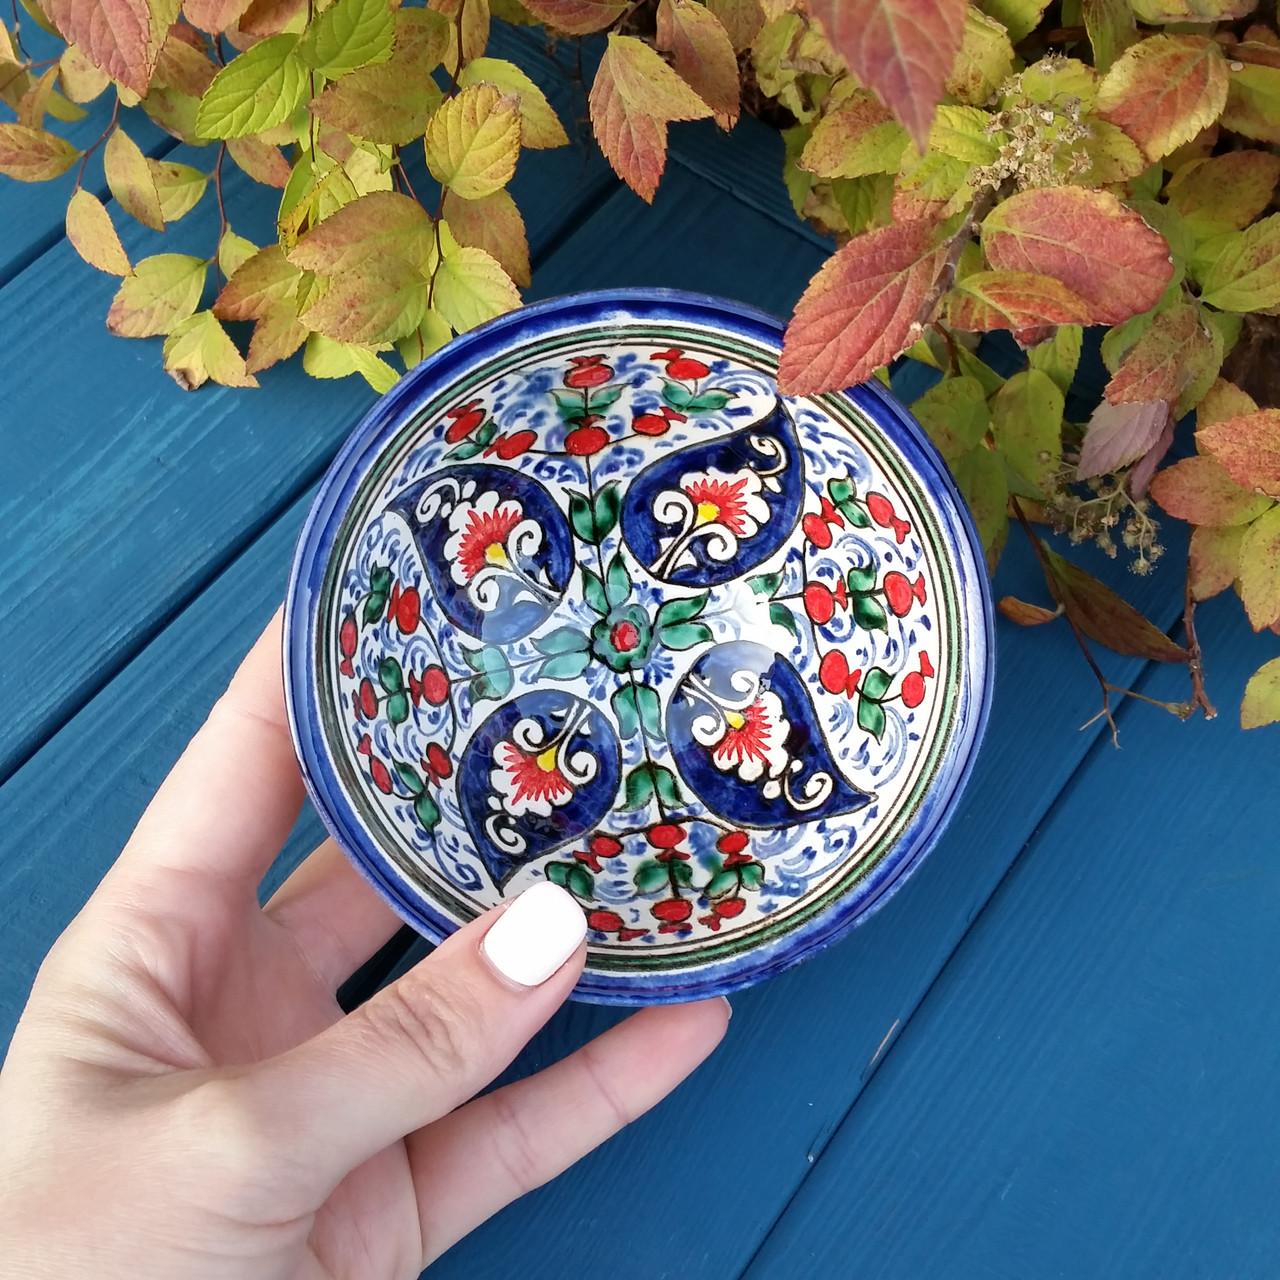 """Узбекская пиала """"Гранат"""" ручной работы d 11 см. Керамика"""